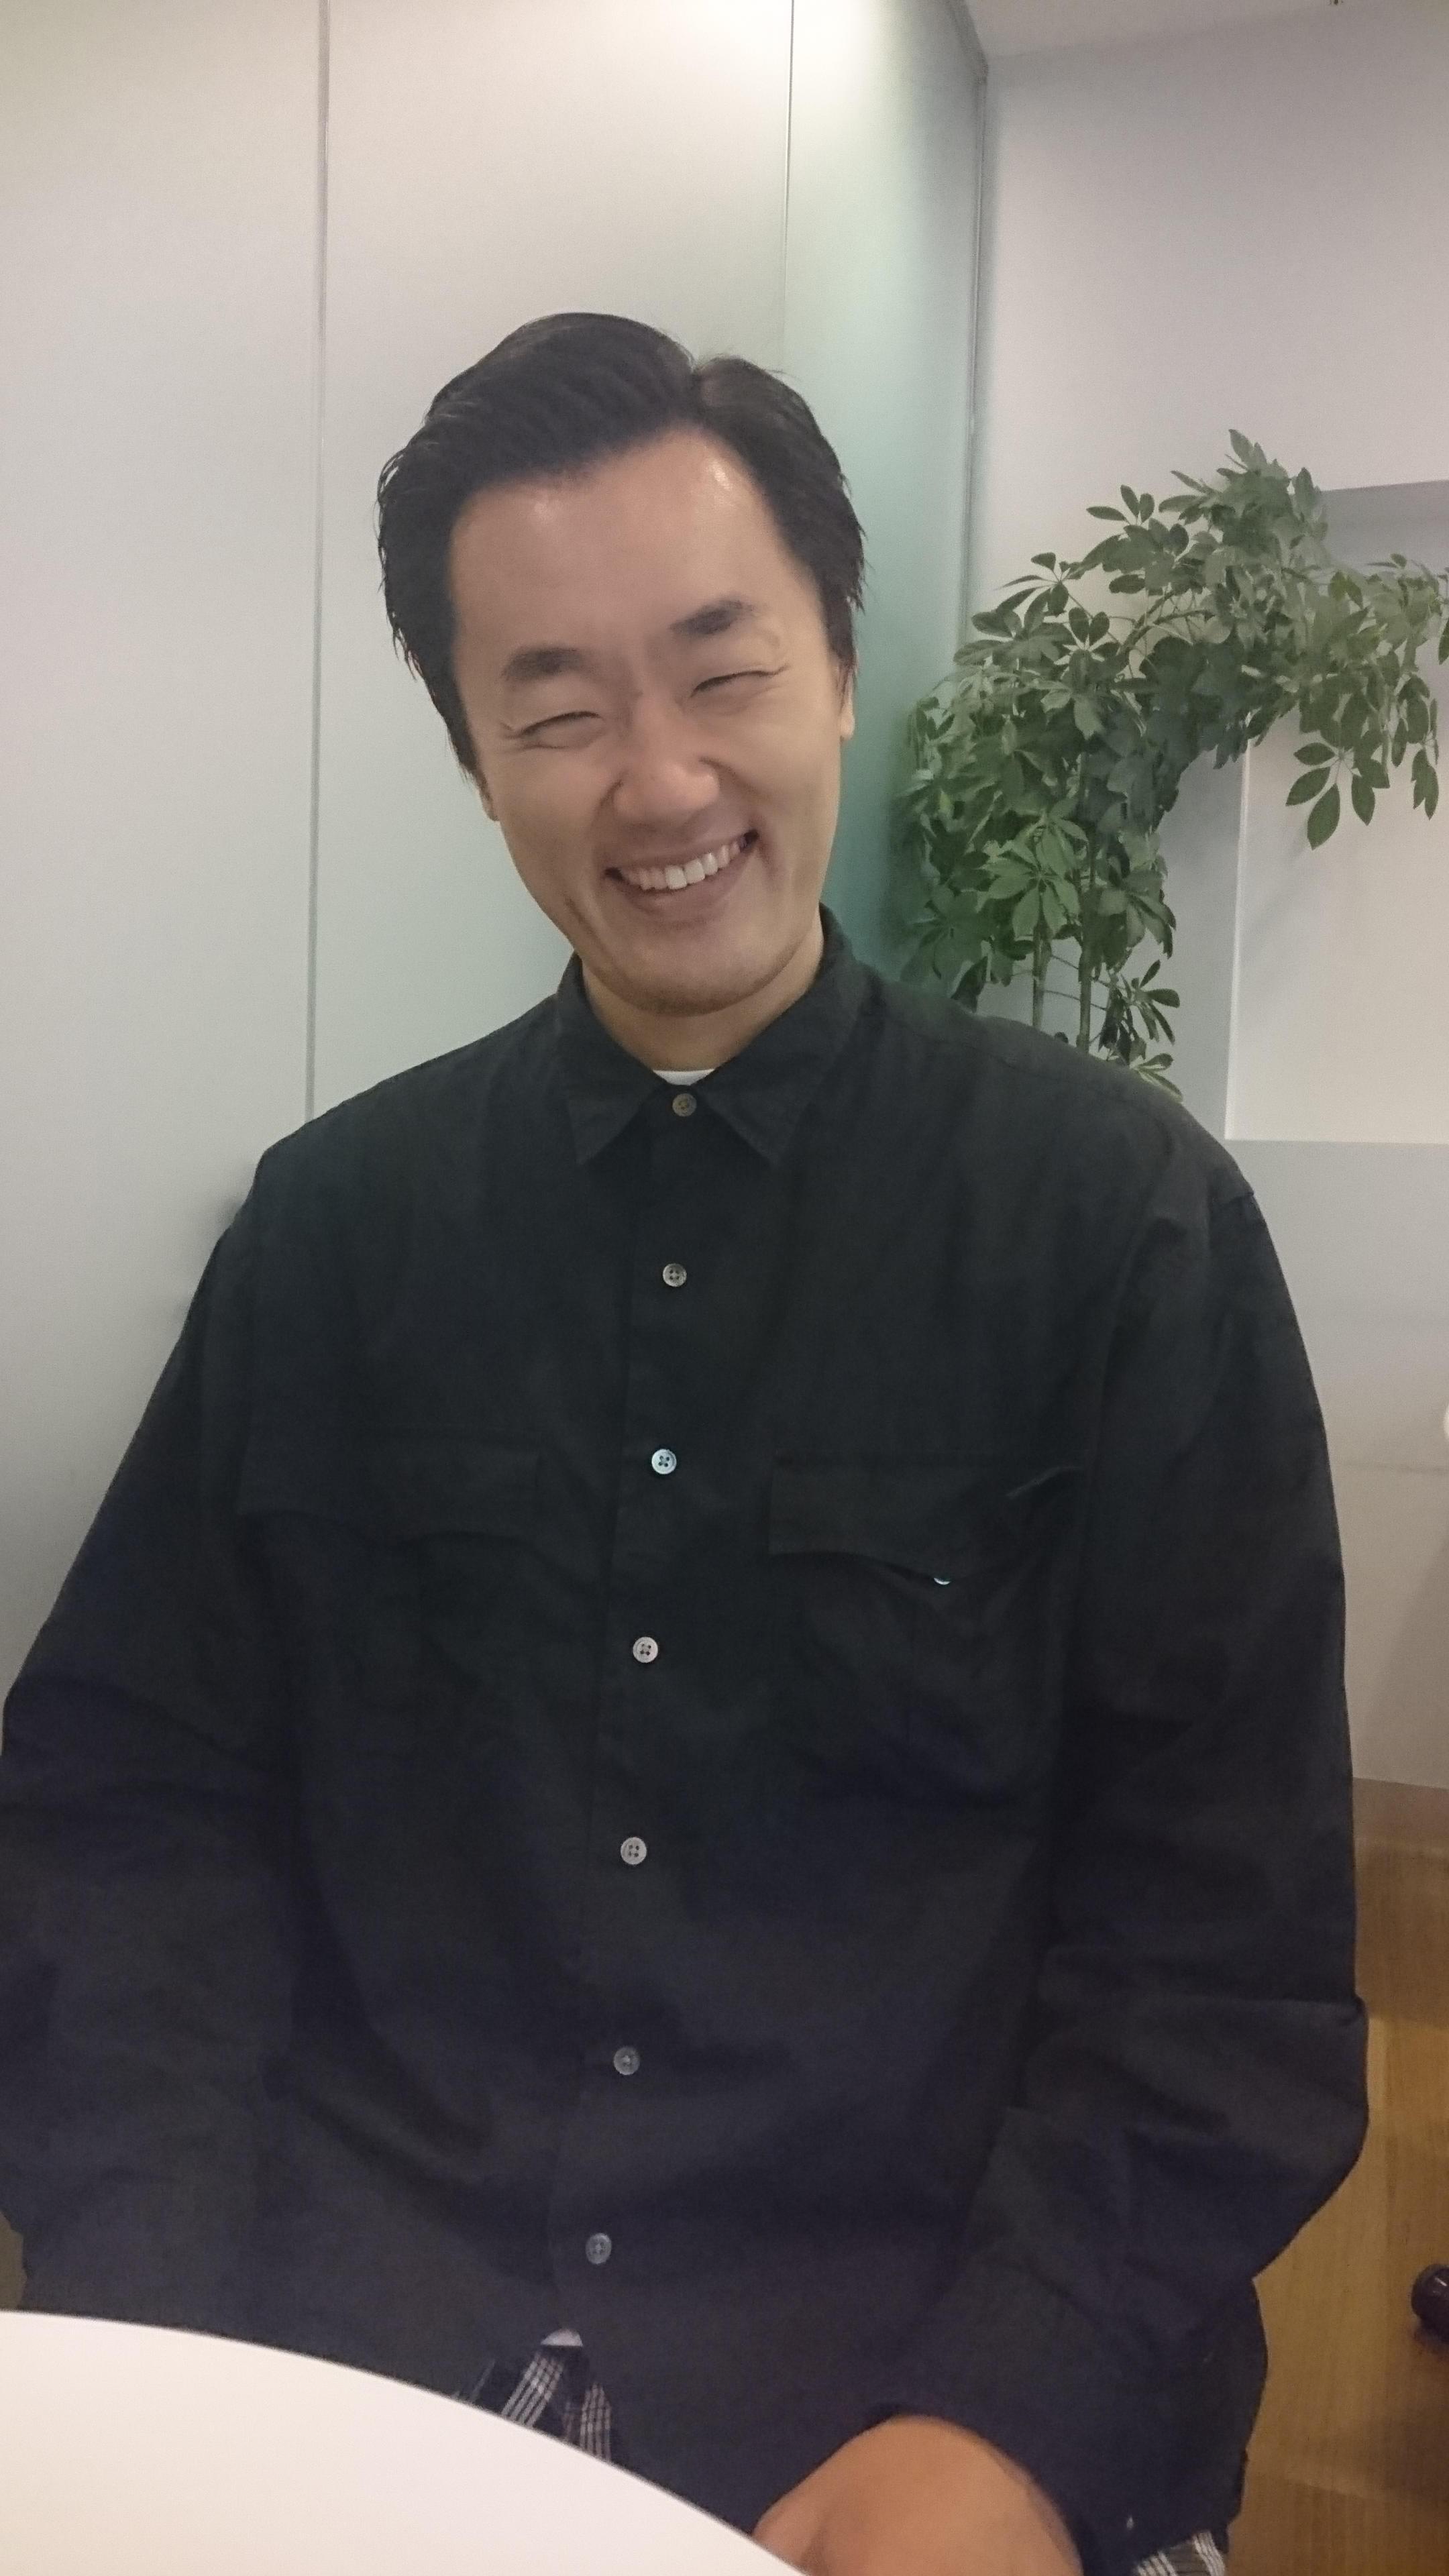 http://news.yoshimoto.co.jp/20171031190422-ac7c101255ff1399fa3eca846a6bd3a775200095.jpg